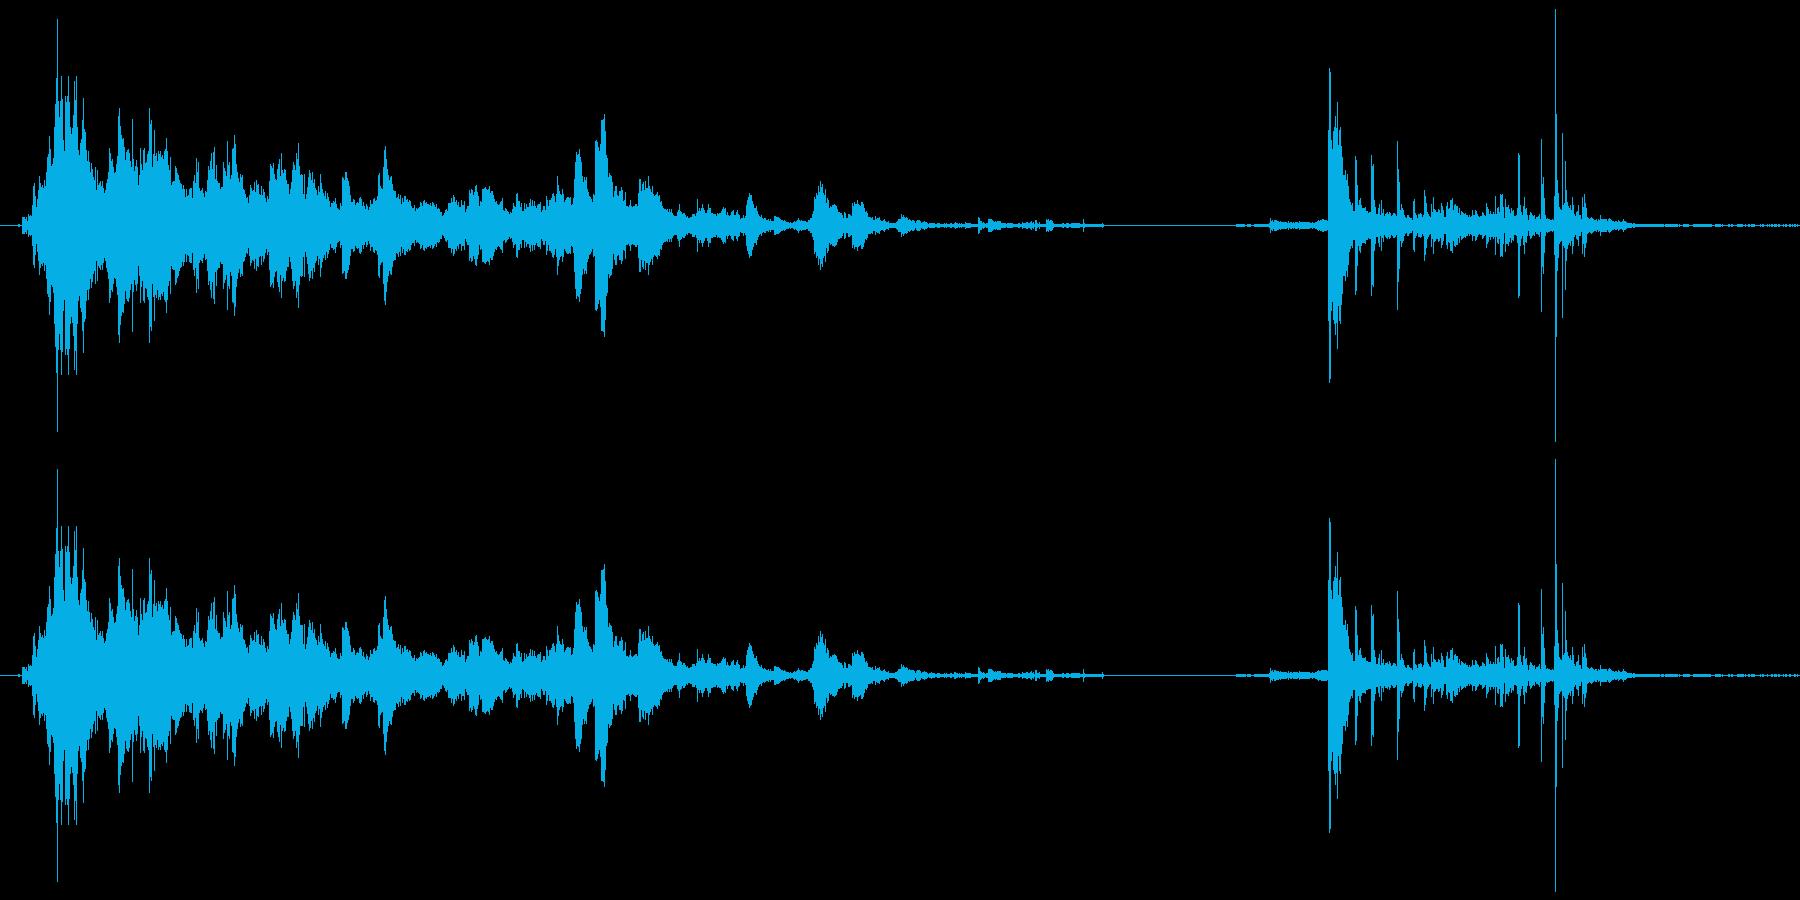 メタルポールロールドロップの再生済みの波形